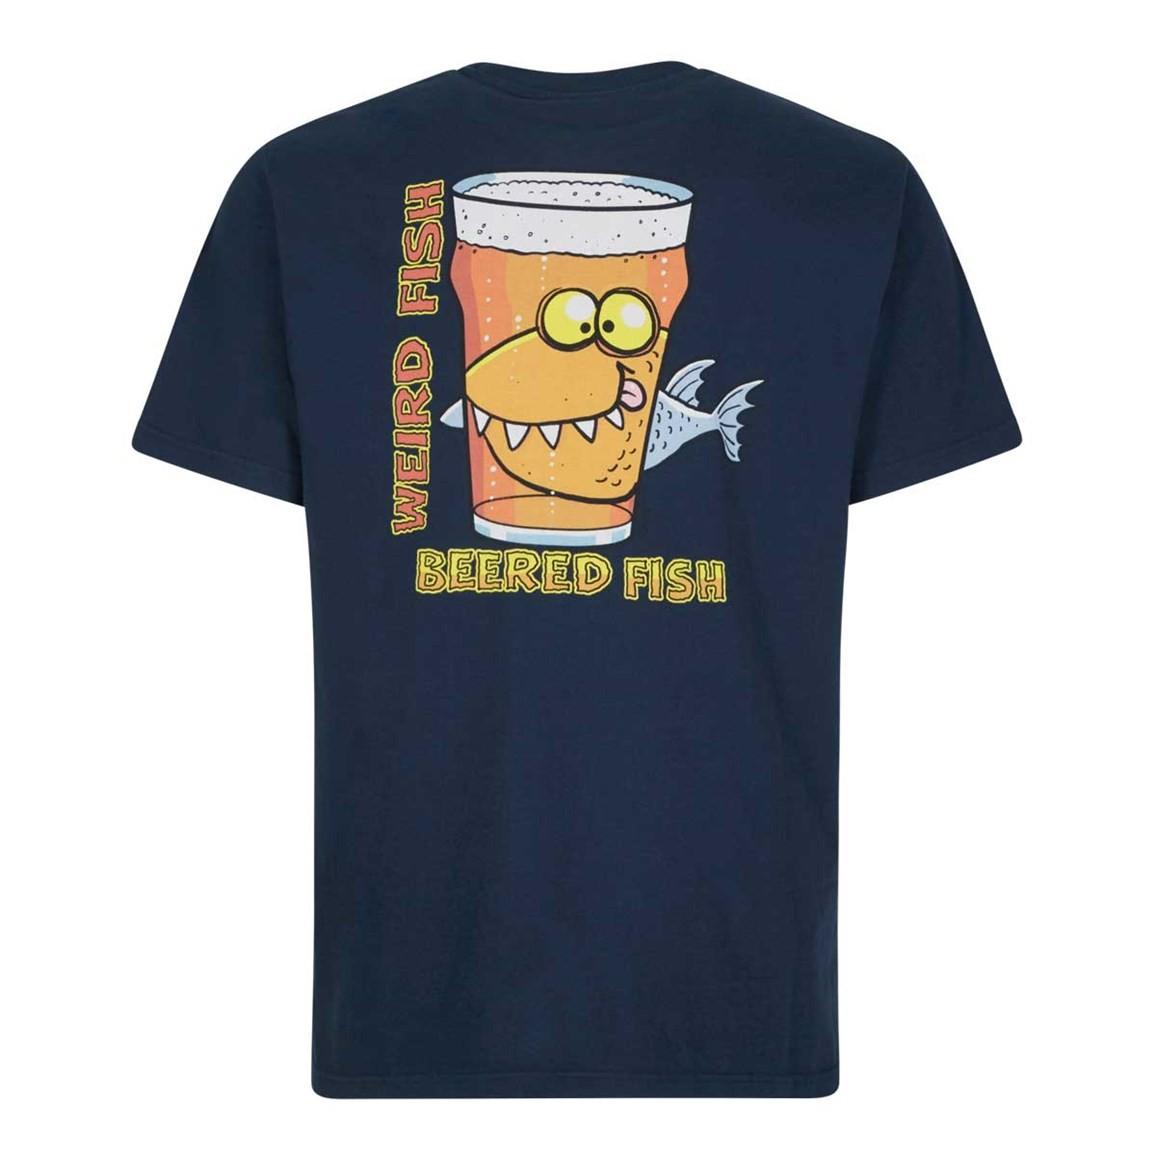 Weird Fish Beered Fish Artist T-Shirt Maritime Blue Size 2XL